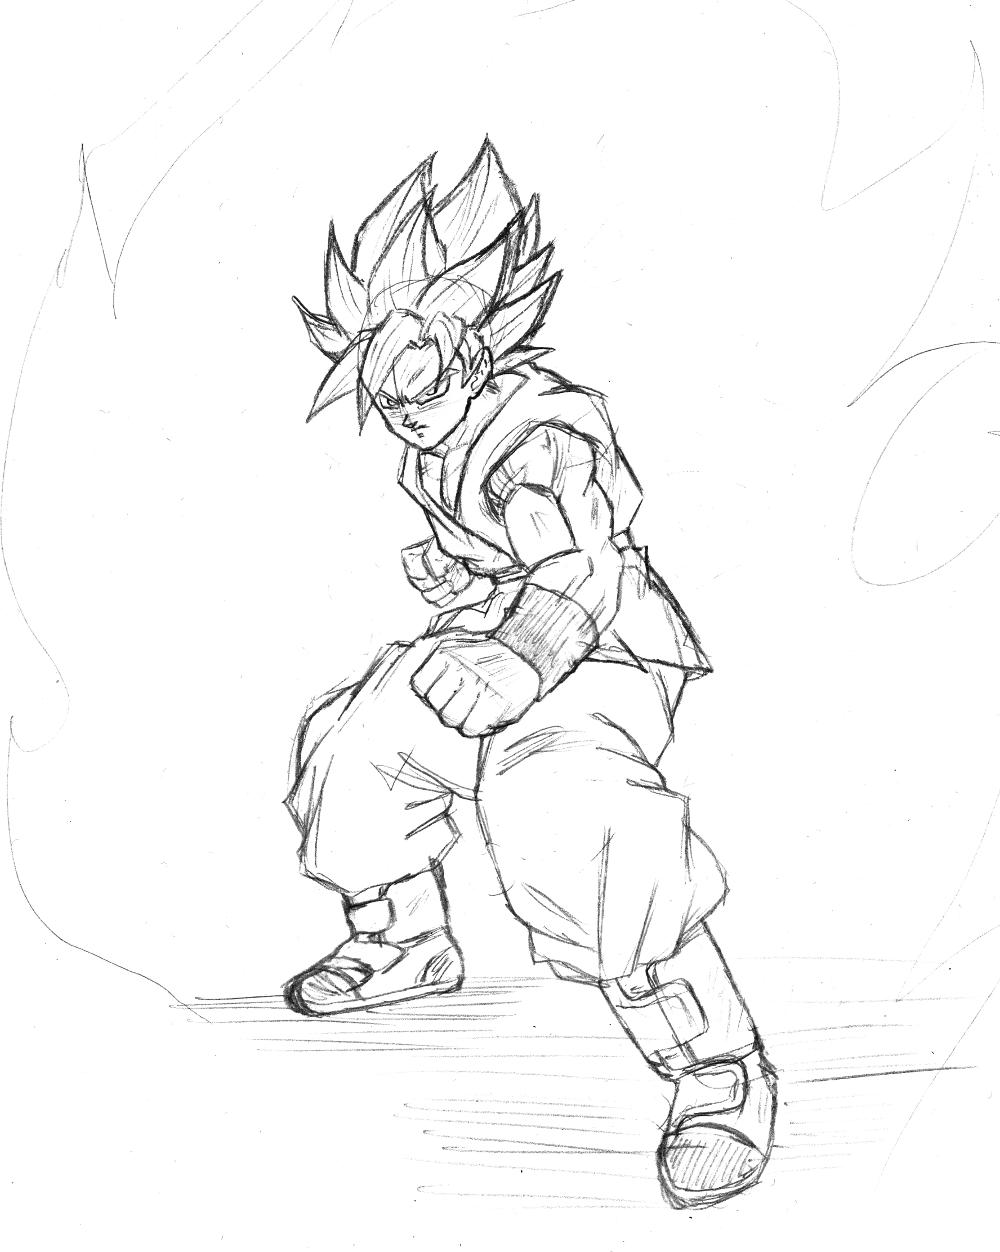 1000x1252 Son Goku Super Saiyan God Super Saiyan Sketch By Bl Sama